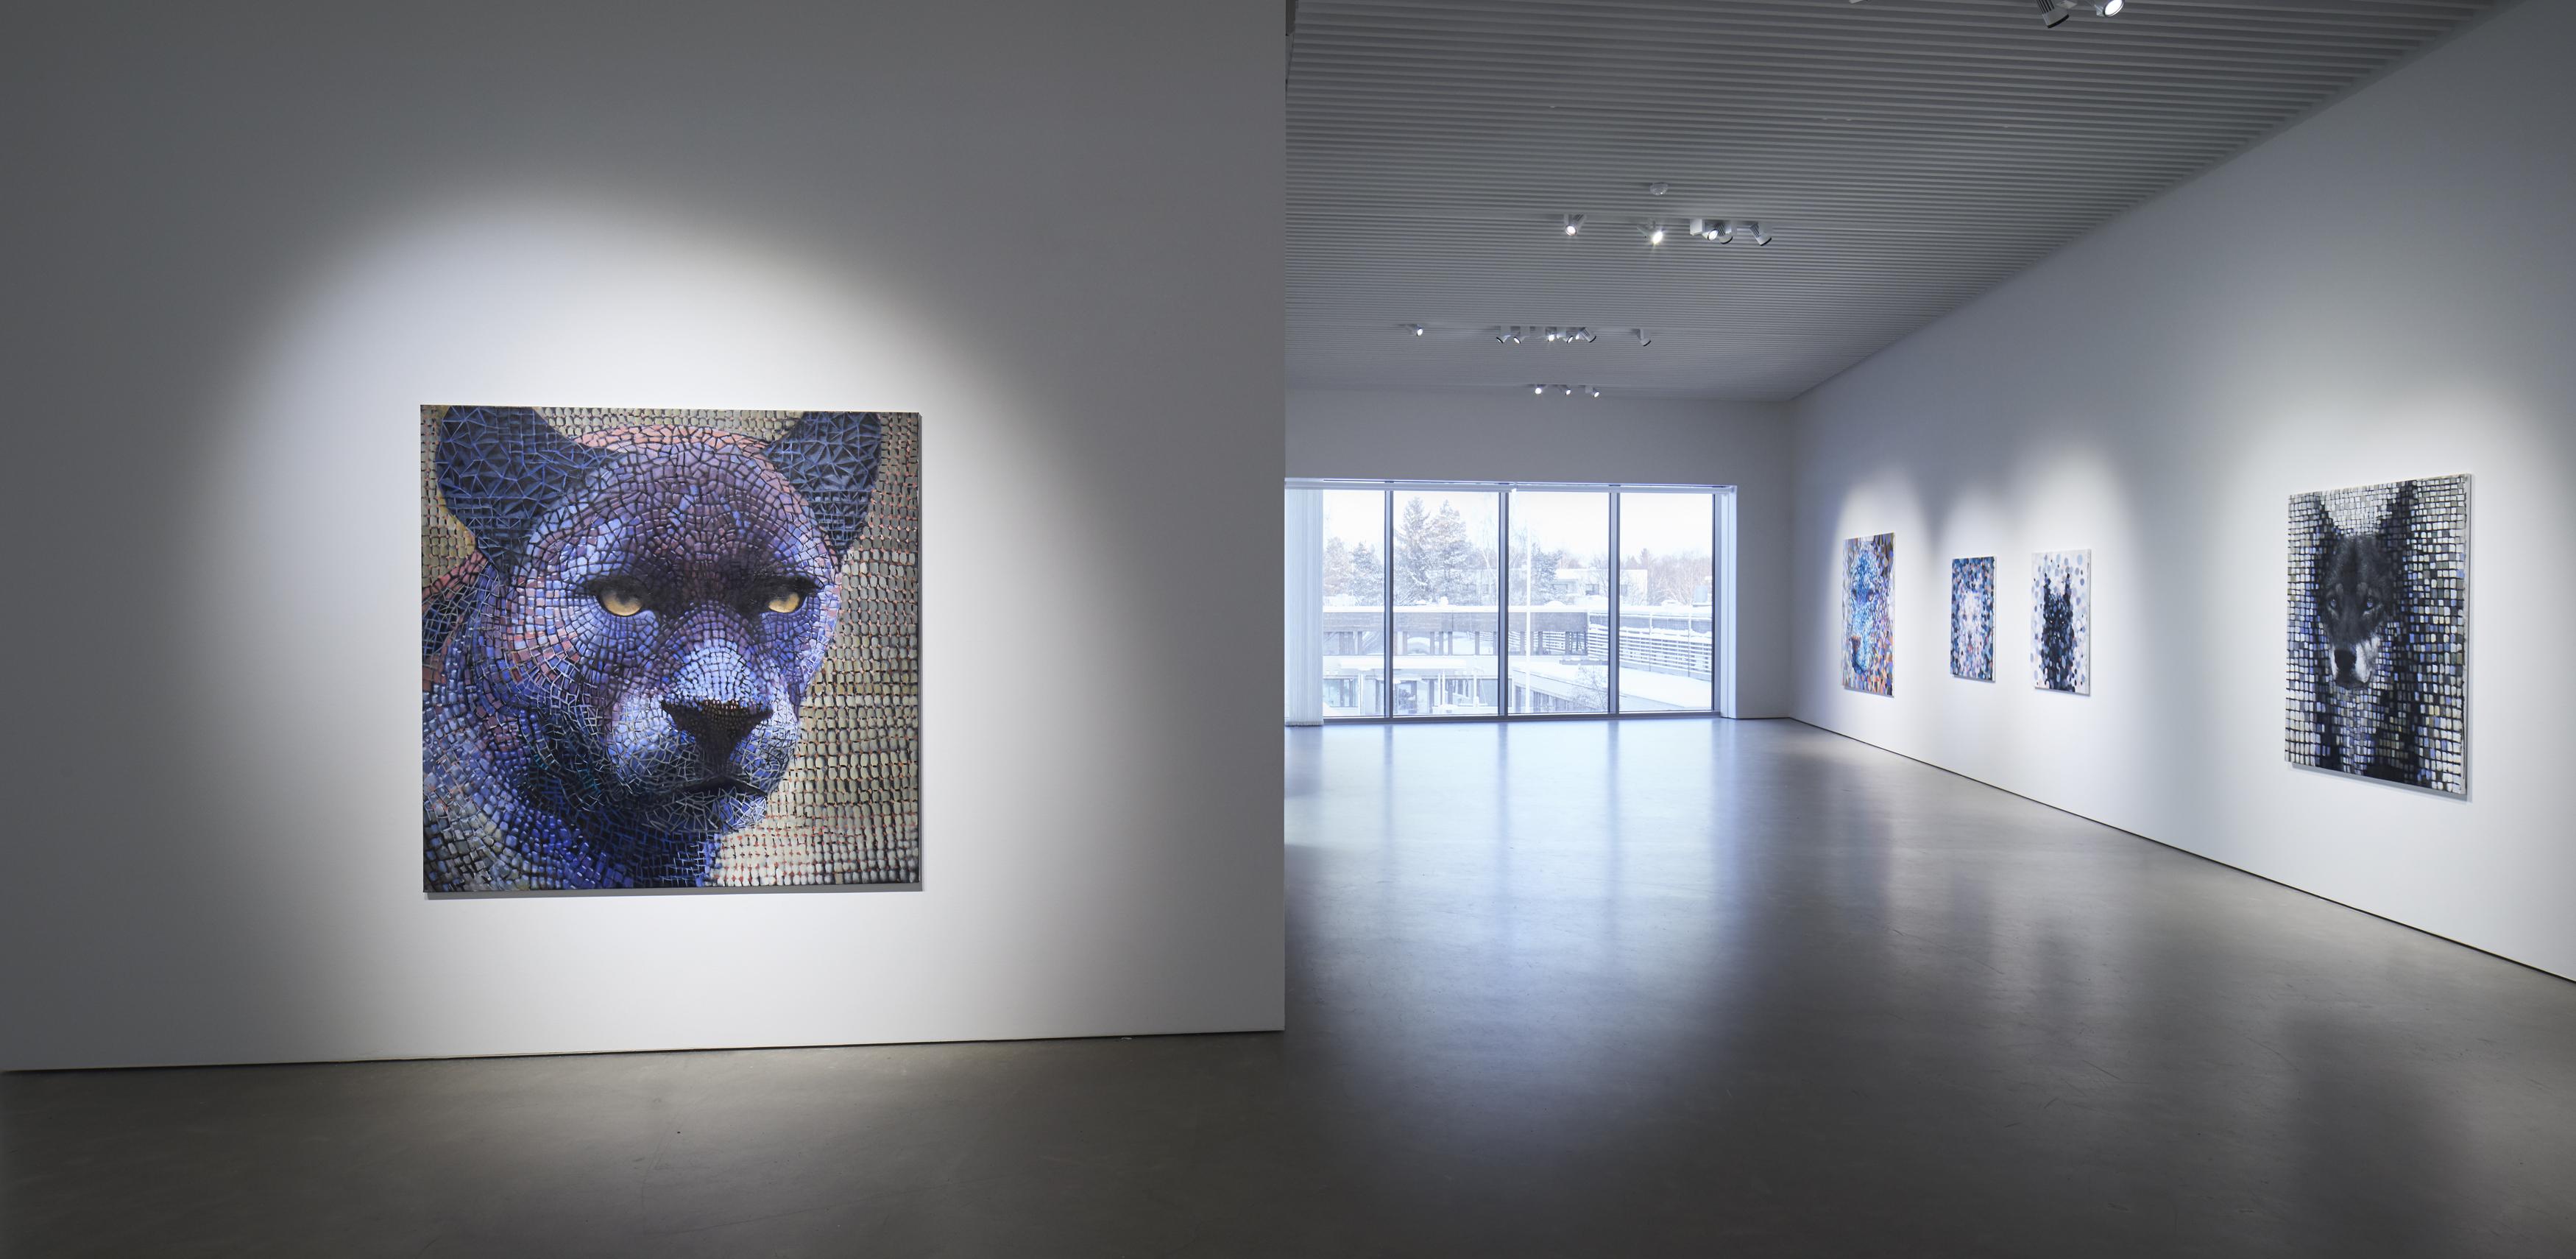 Samuli Heimosen näyttely Monesta yksi ripustettuna Kimmo Pyykkö -taidemuseon toisessa kerroksessa.